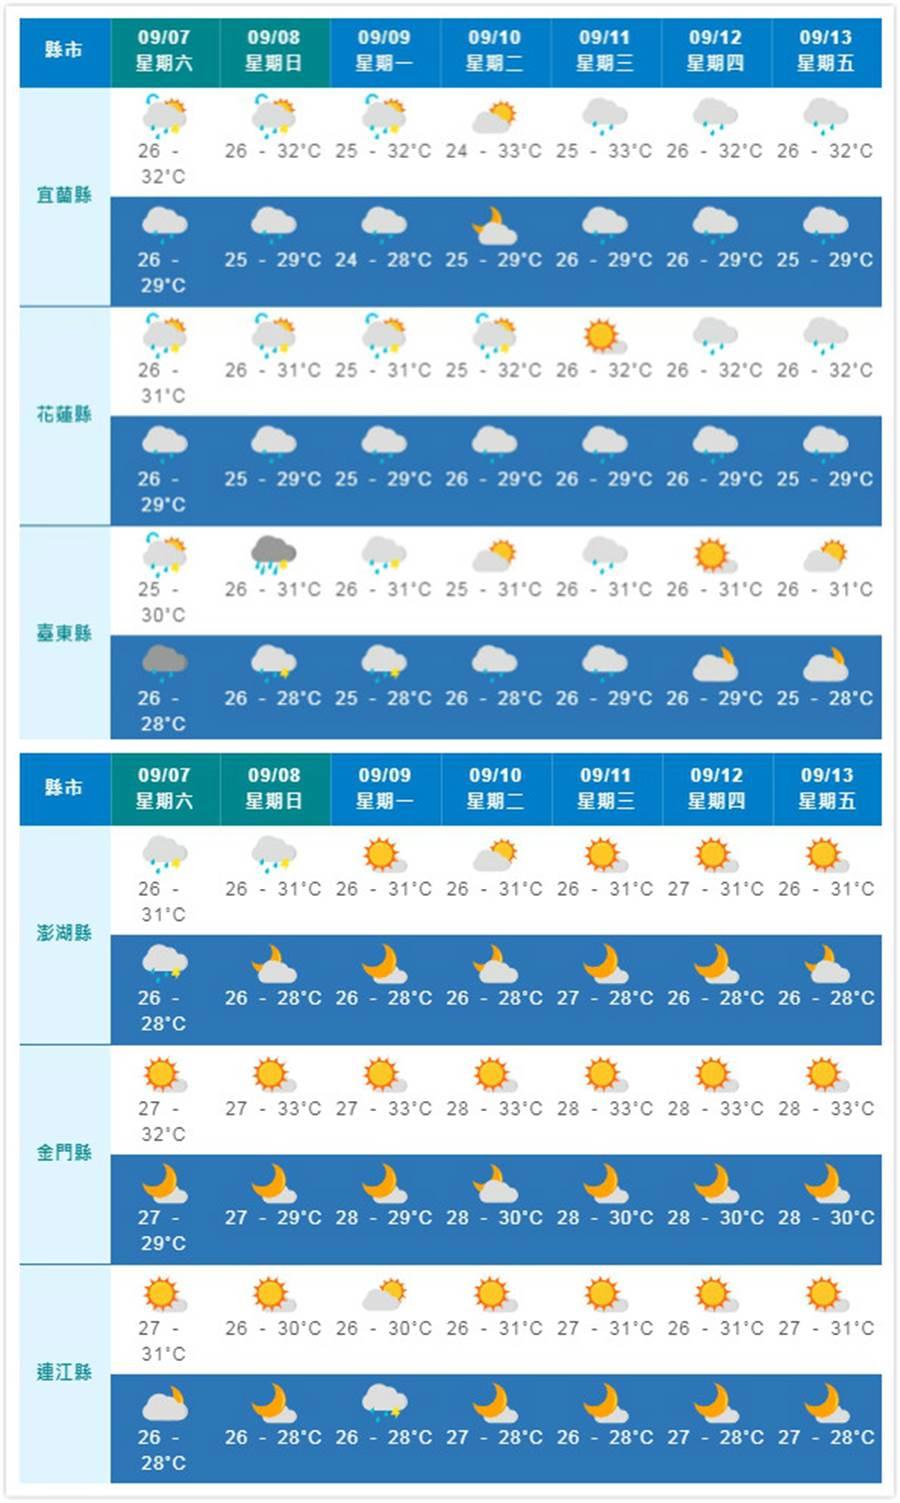 臺東晴時多雲,宜蘭、花蓮縣注意短暫陣雨;離島也呈現晴時多雲好天氣。(摘自中央氣象局)